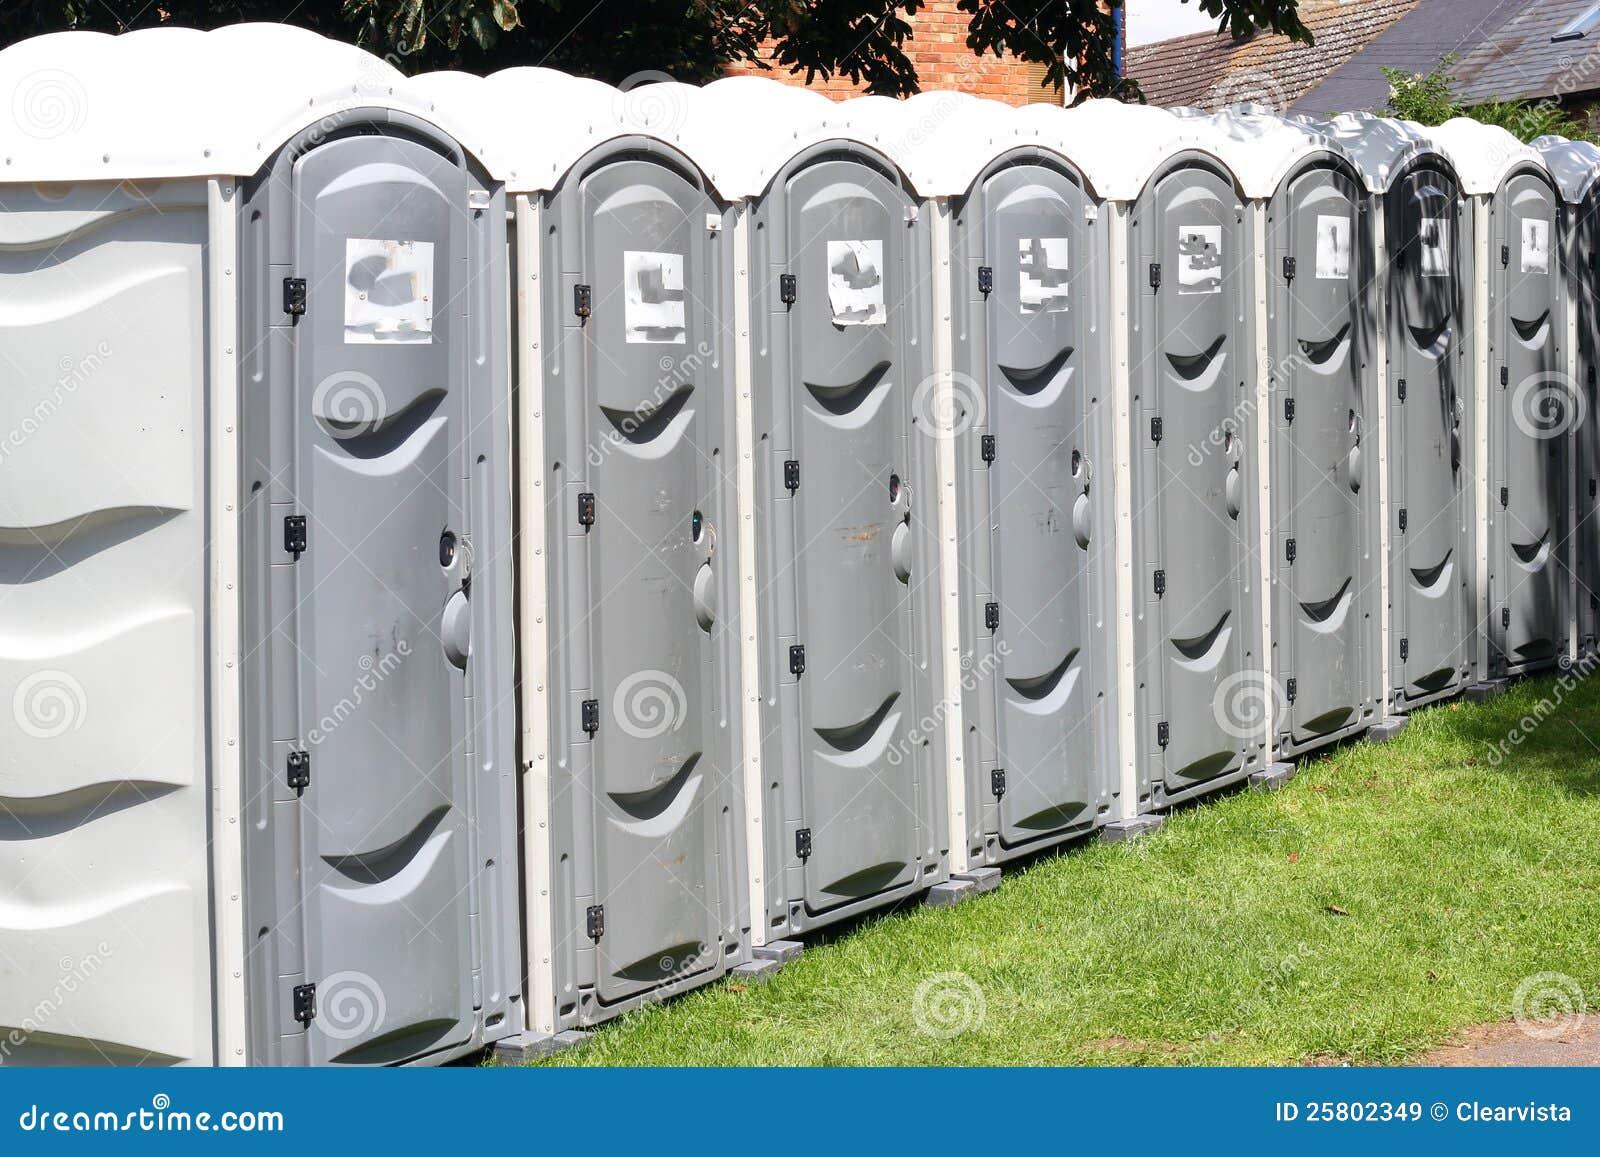 Rad av bärbara utvändiga toaletter.